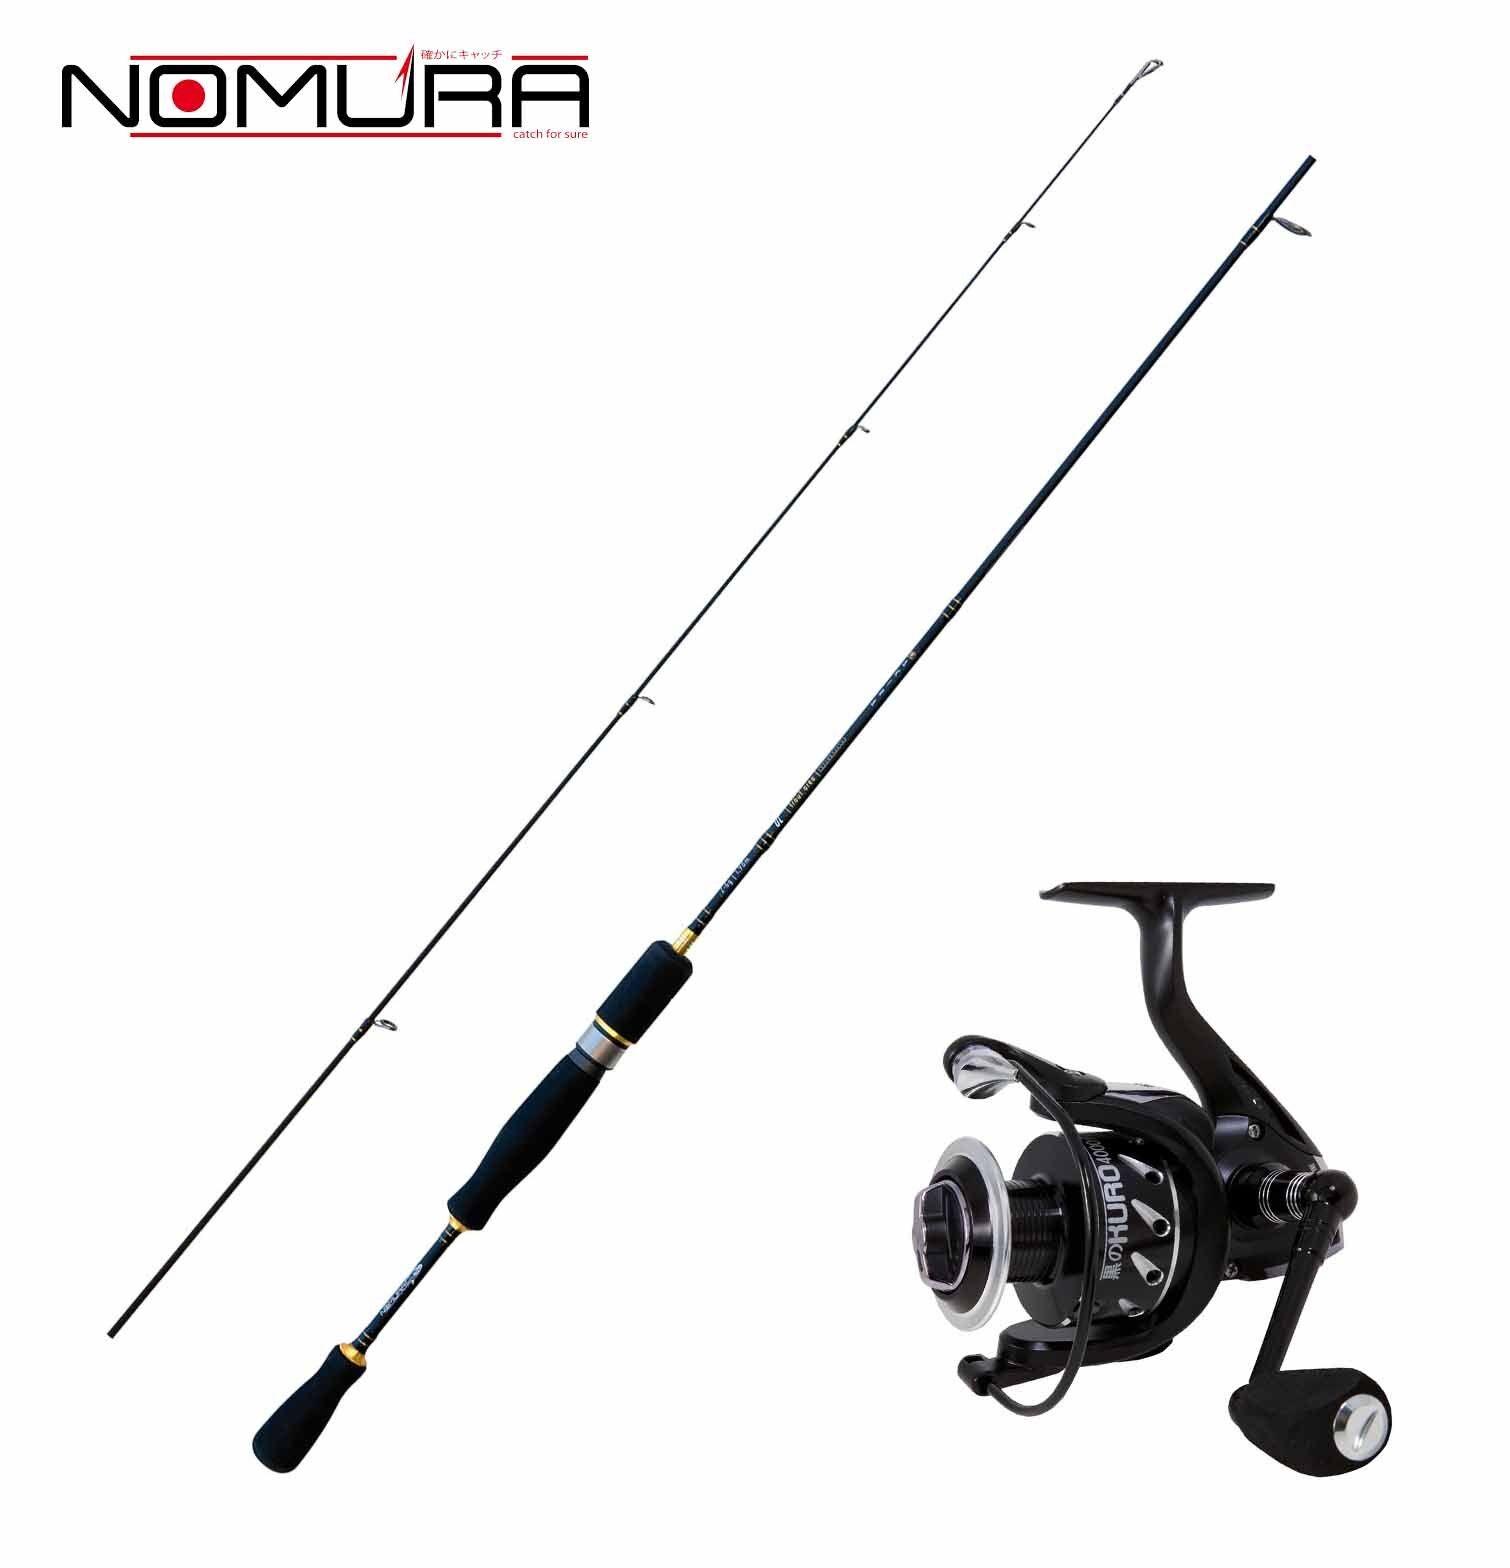 KP2164 Kit Trout Area Nomura Canna Akira 198 cm 2-6 Gr + Mulinello Kuro 100 CSP